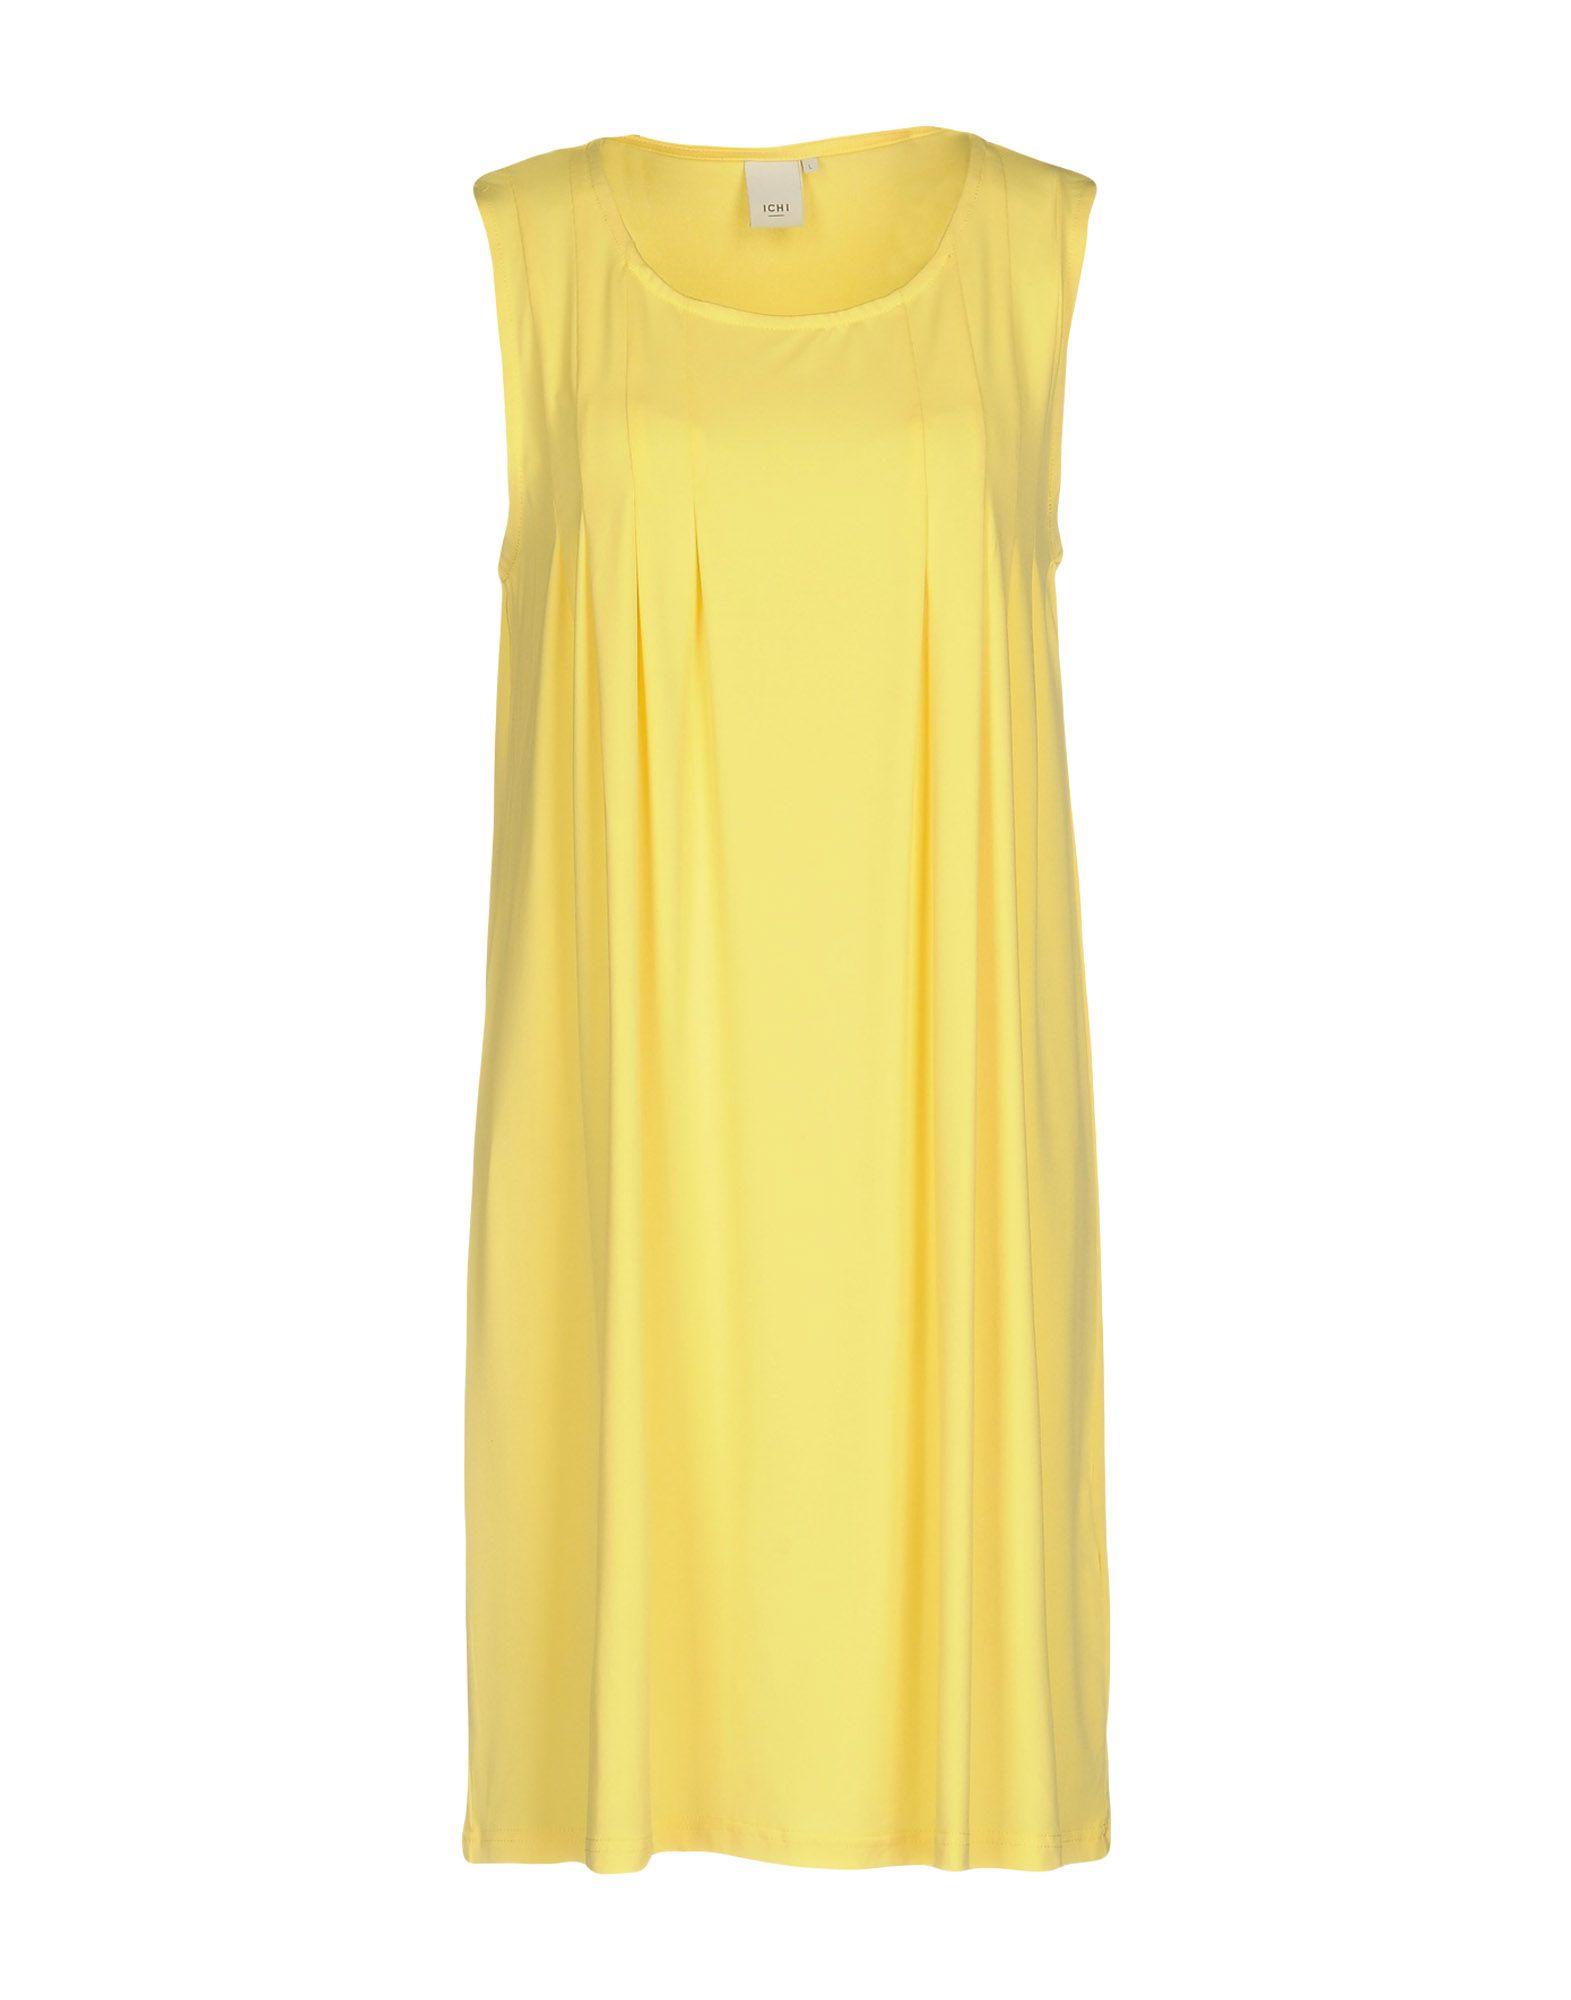 ICHI Короткое платье ichi платье 826110 5747